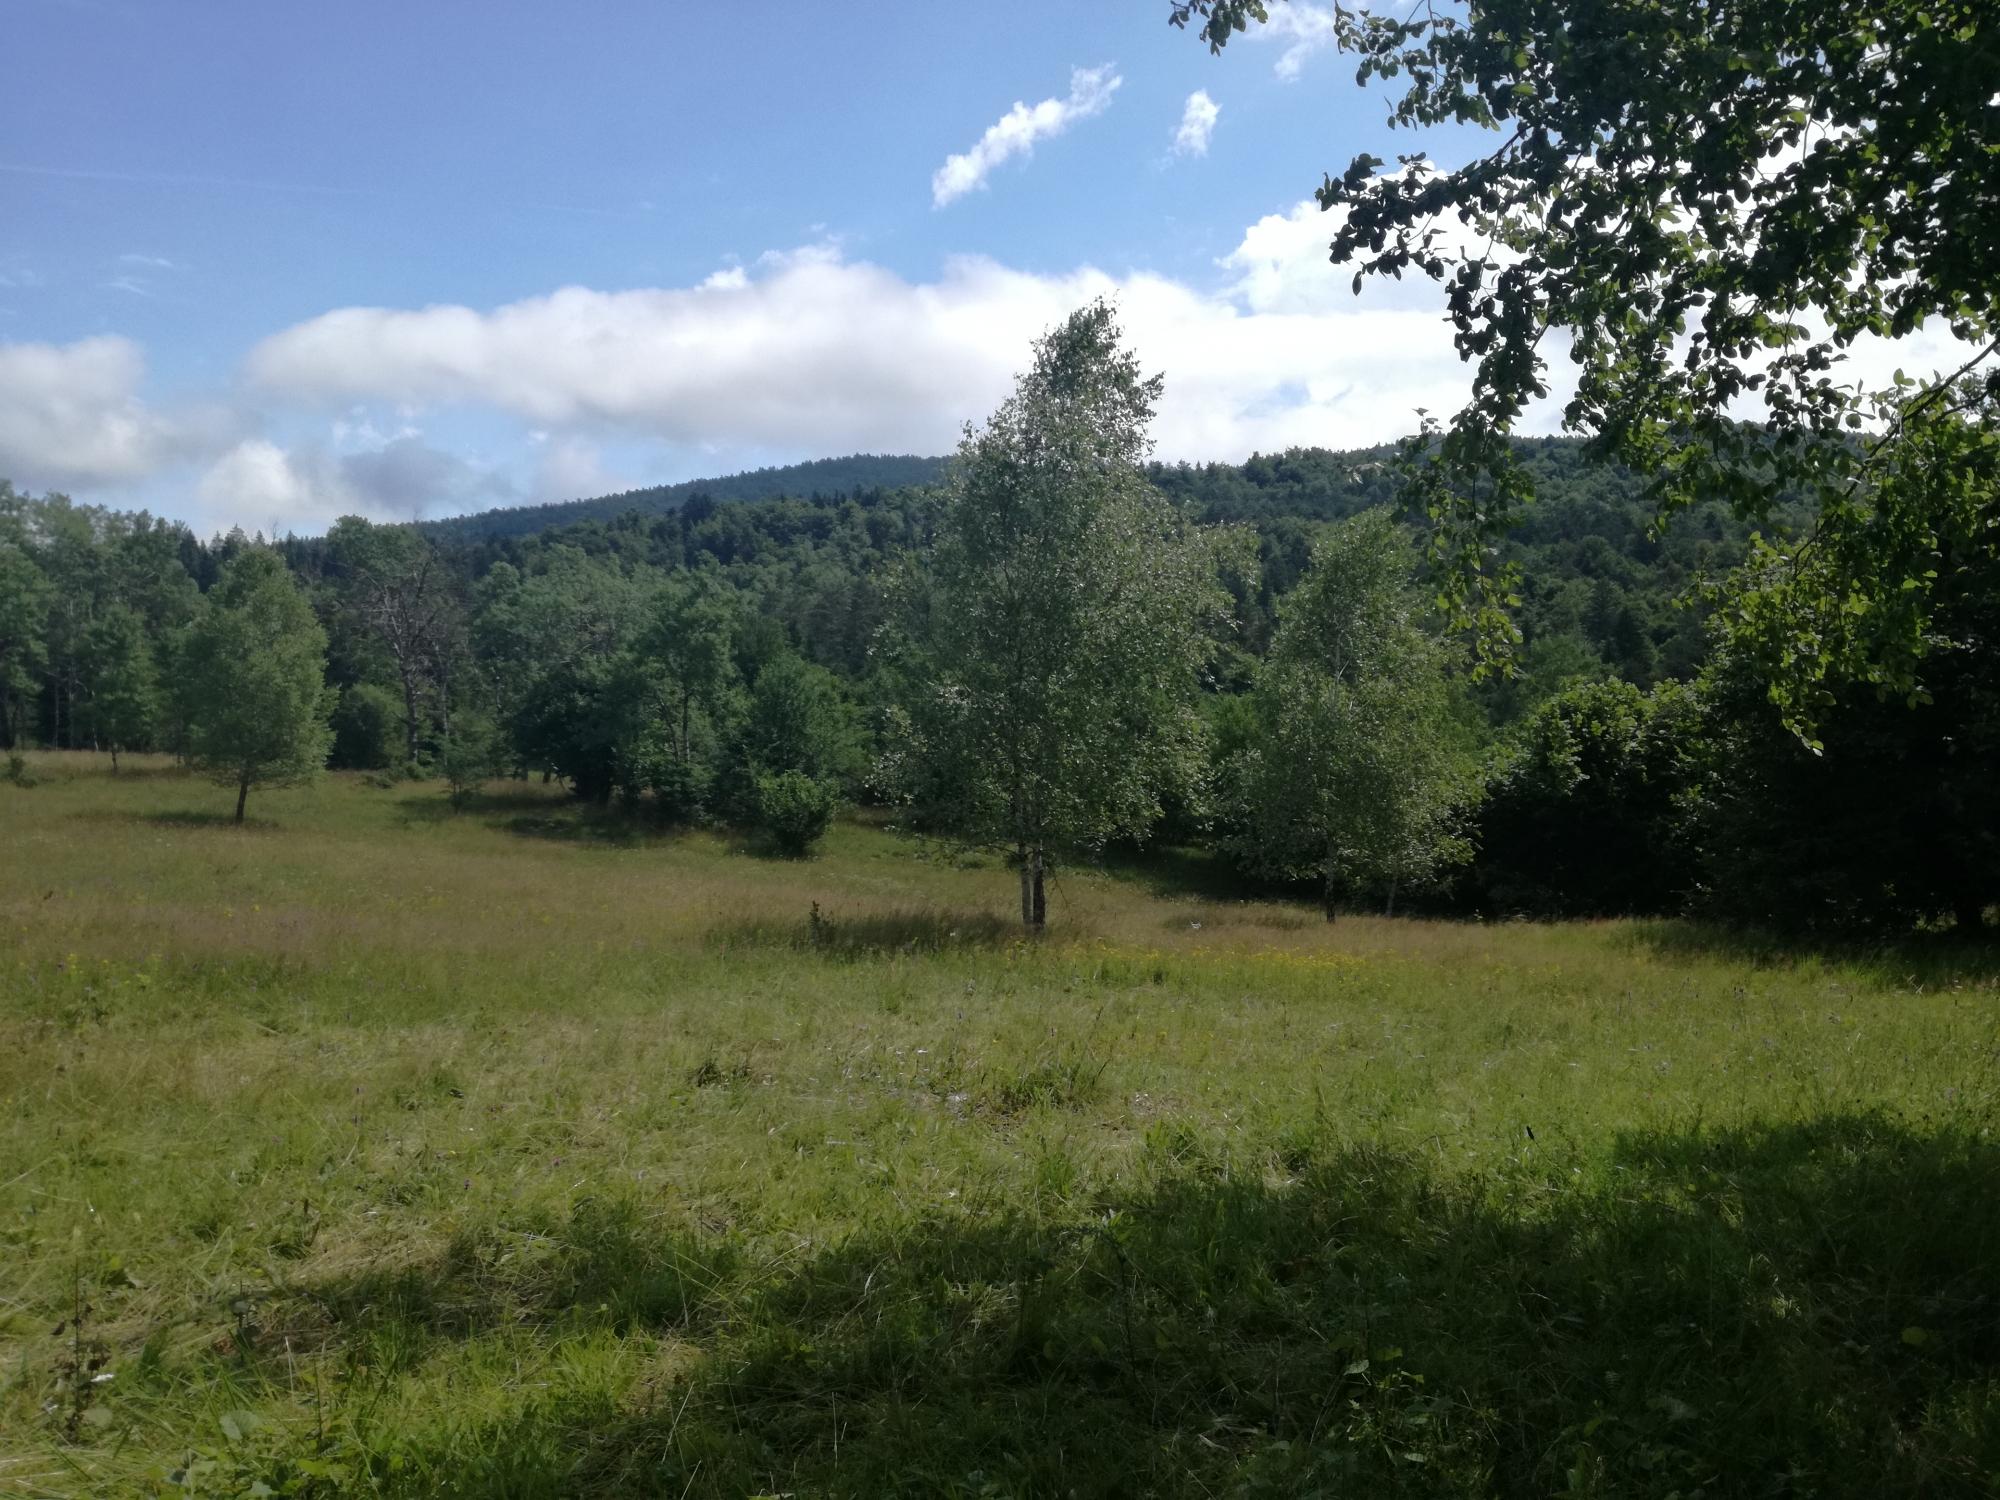 Travnik na Brejnicah je bil še nedolgo tega povsem zaraščen z grmovnimi vrstami. Ker je bila že zelo zgodaj opuščena košnja na teh površinah. Notranjski park se ga je odločil kupiti, zato, da bi tu ohranili edinstveno naravo, metulje in nekatere vrste orhidej.